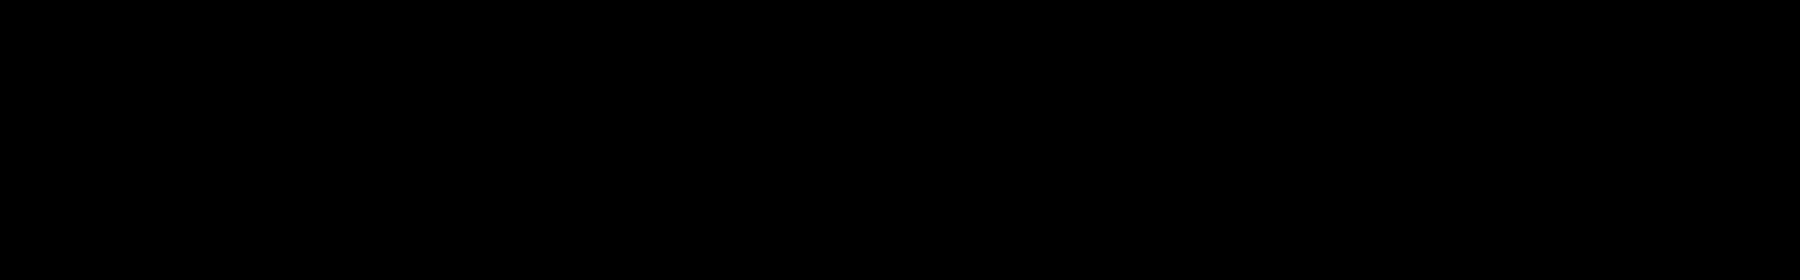 Astro Juice - Juicy Trap & Vocals audio waveform